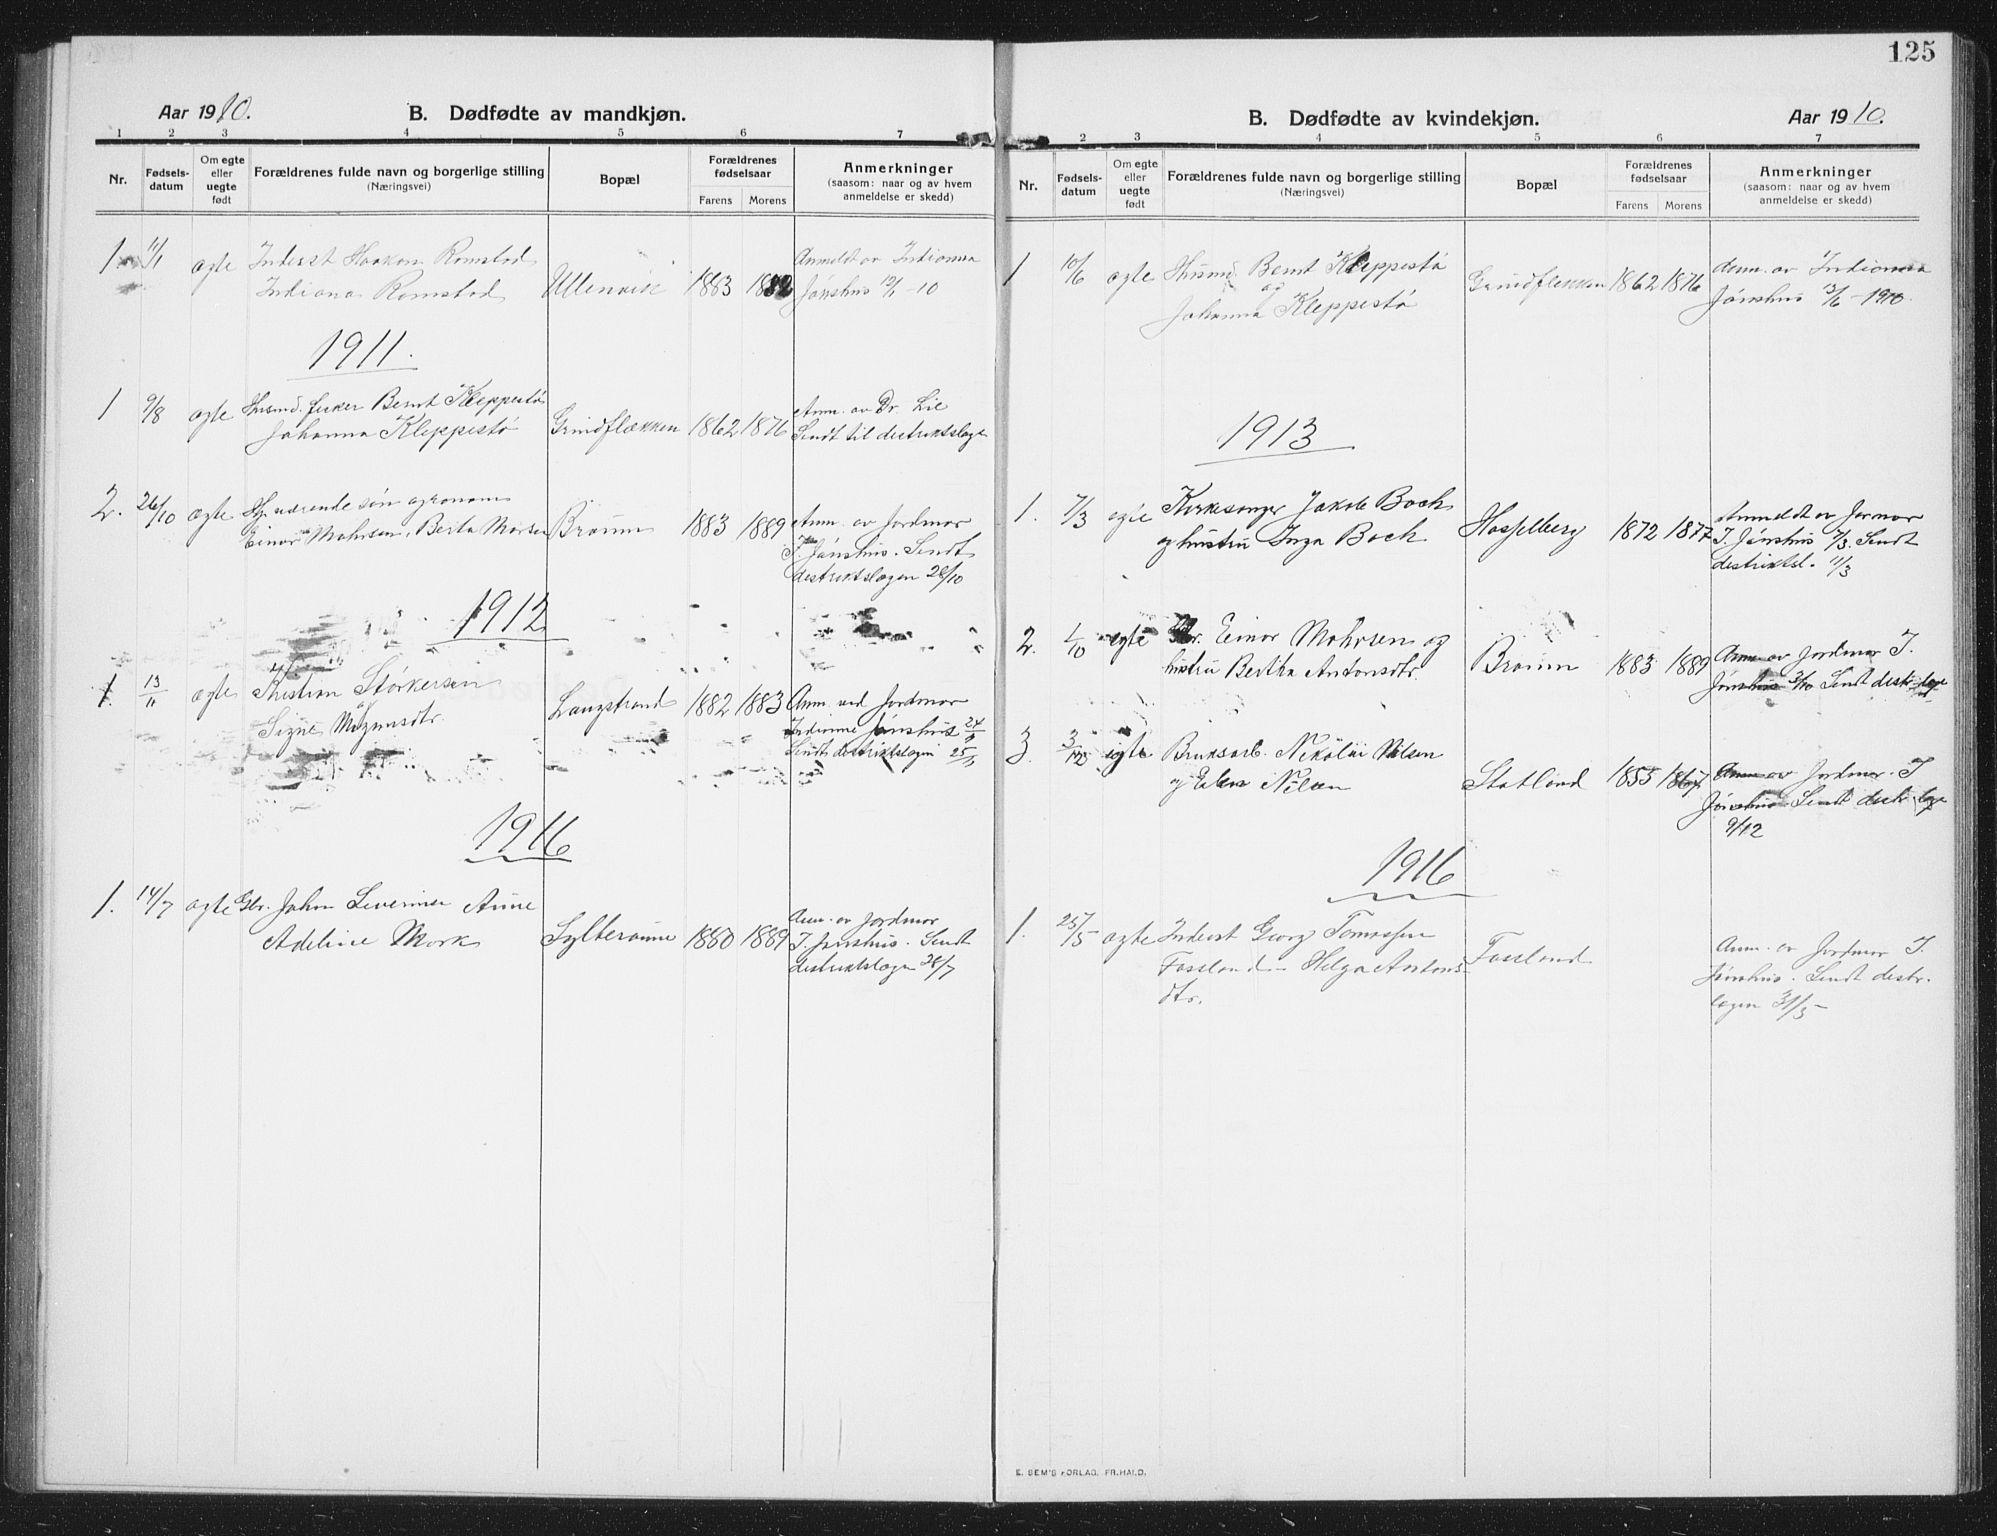 SAT, Ministerialprotokoller, klokkerbøker og fødselsregistre - Nord-Trøndelag, 774/L0630: Klokkerbok nr. 774C01, 1910-1934, s. 125